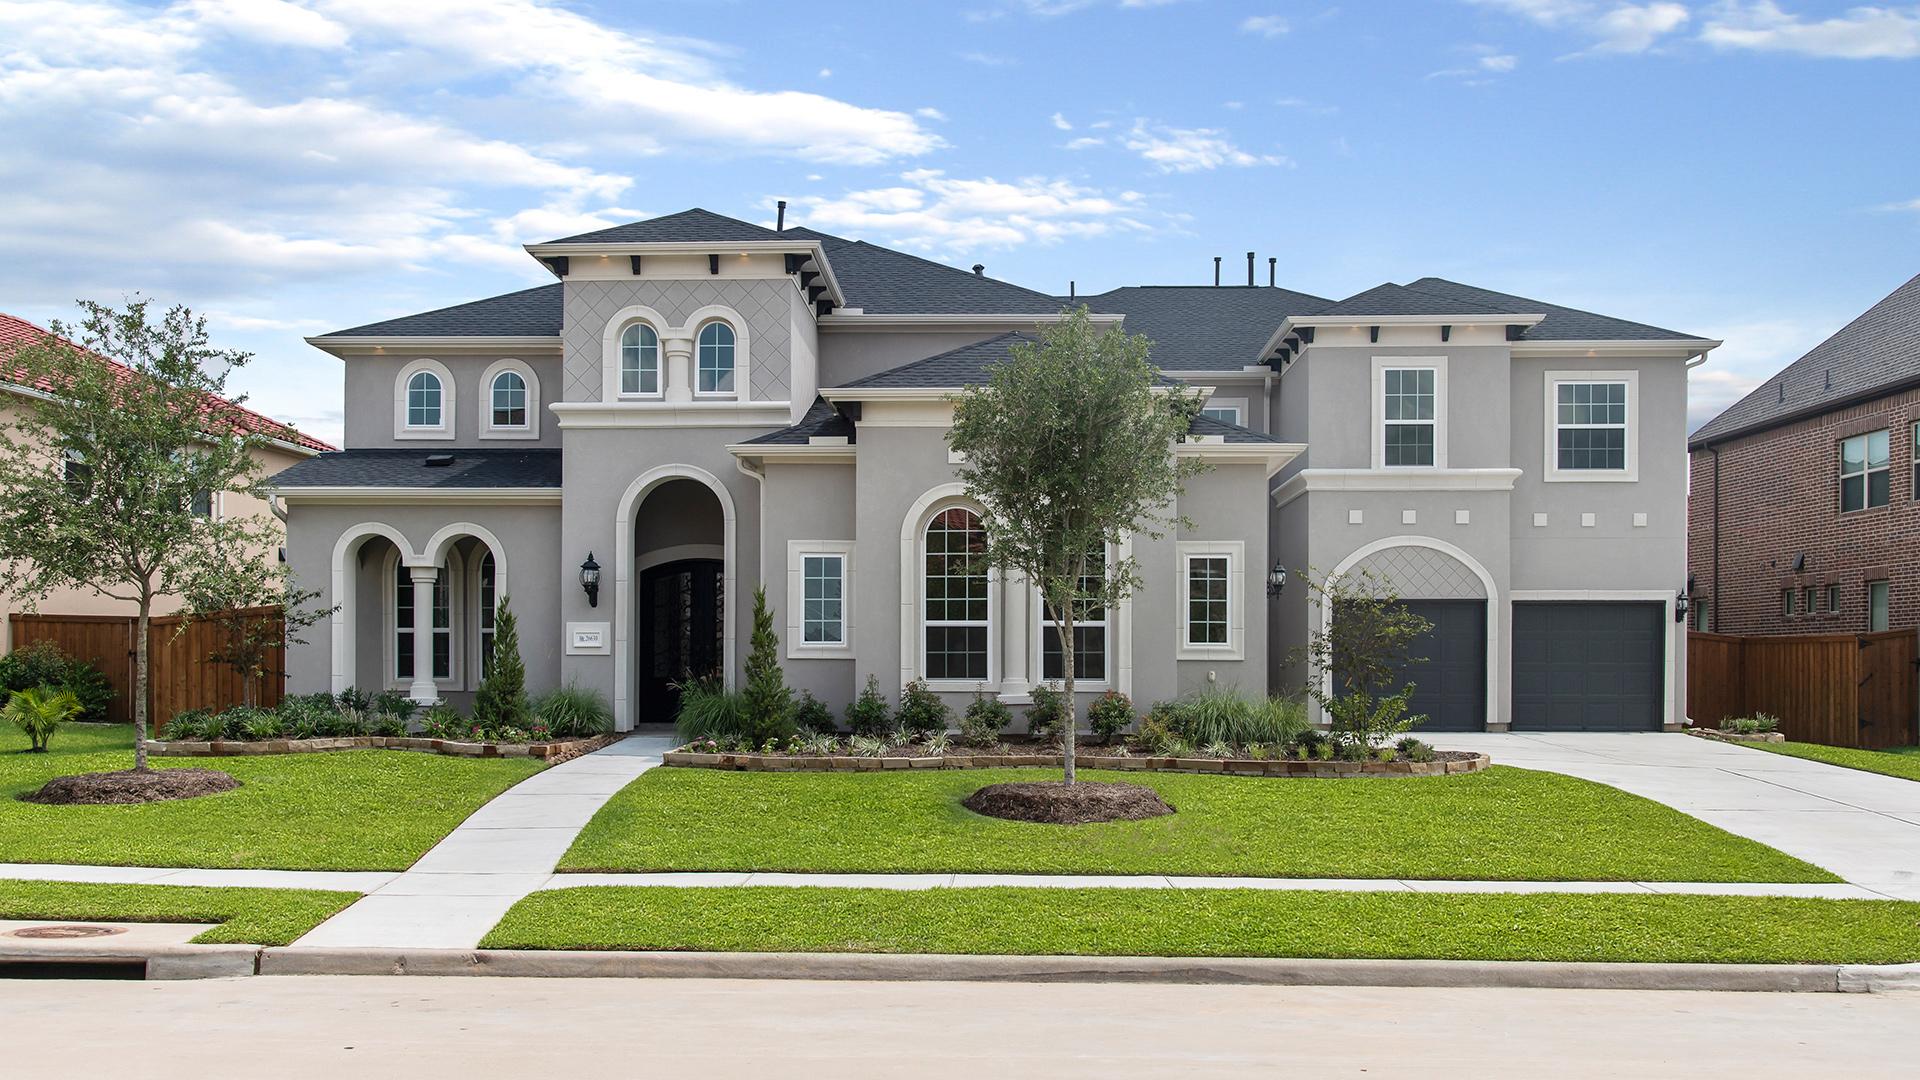 Beautiful stucco exterior